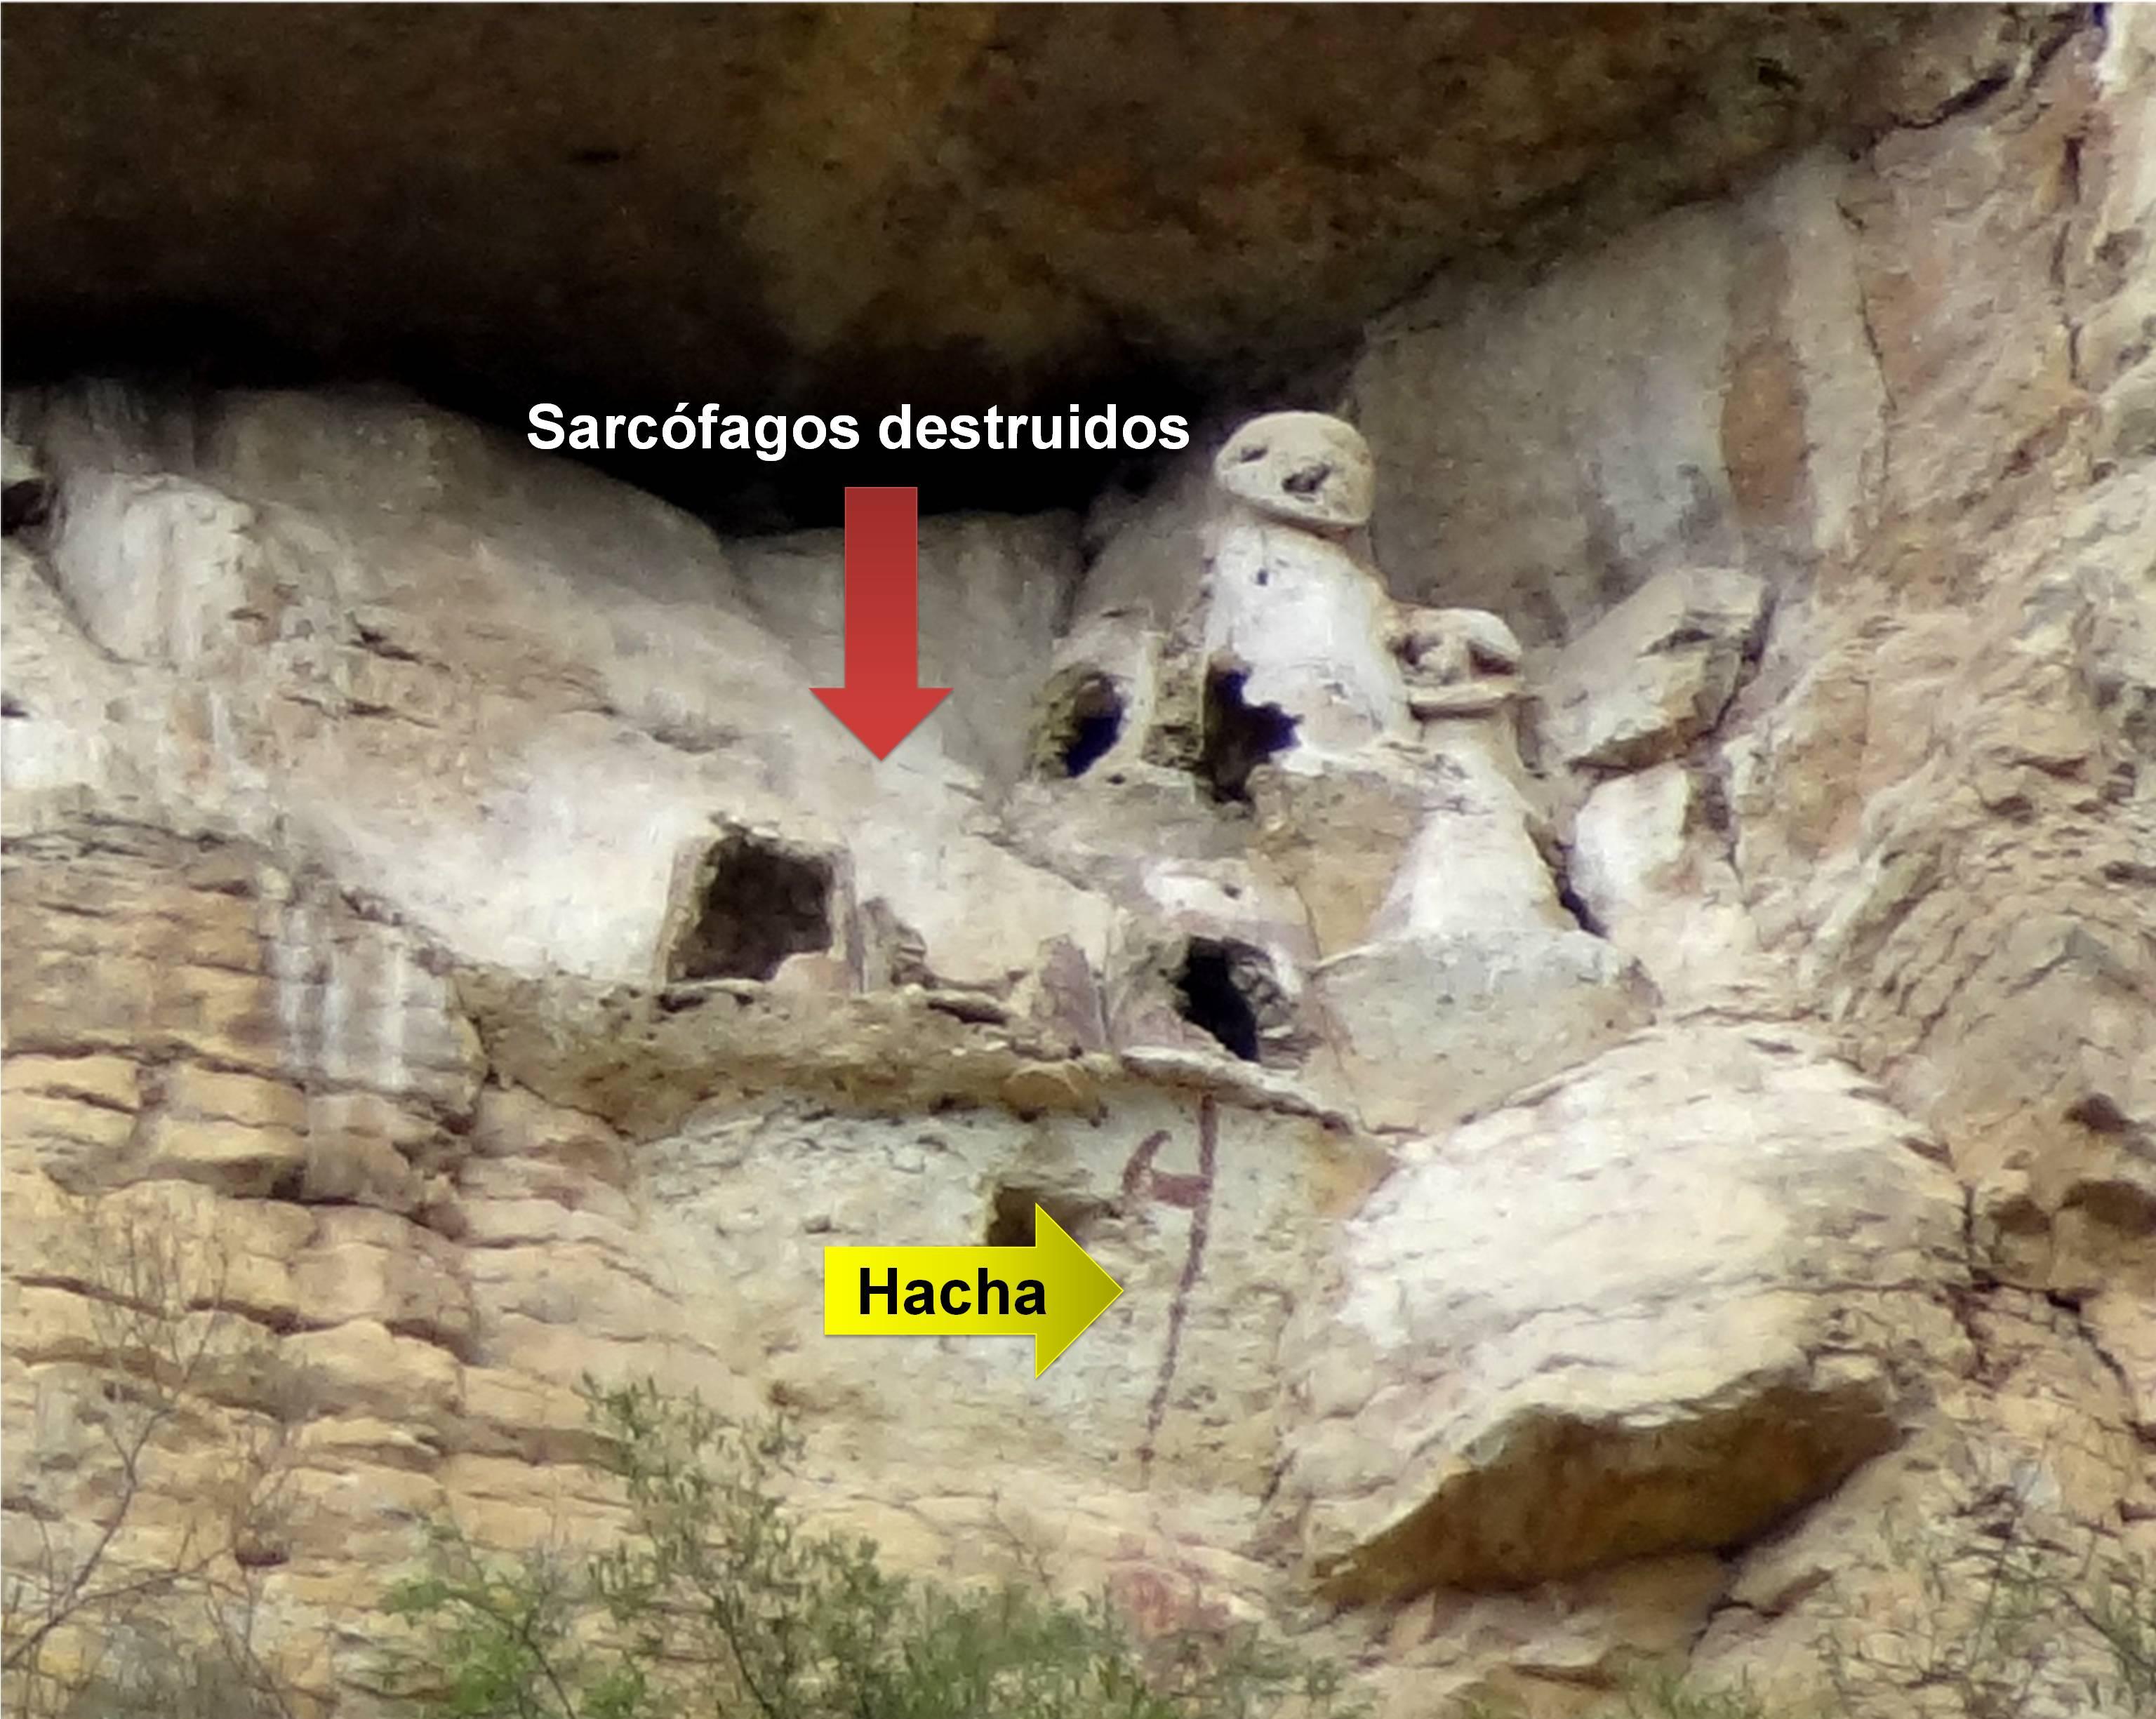 GAUGUIN, MUNCH Y CHACHAPOYAS: LA MOMIA QUE CRUZÓ EL CHARCO E INSPIRO EL CUADRO MAS CARO DEL MUNDO